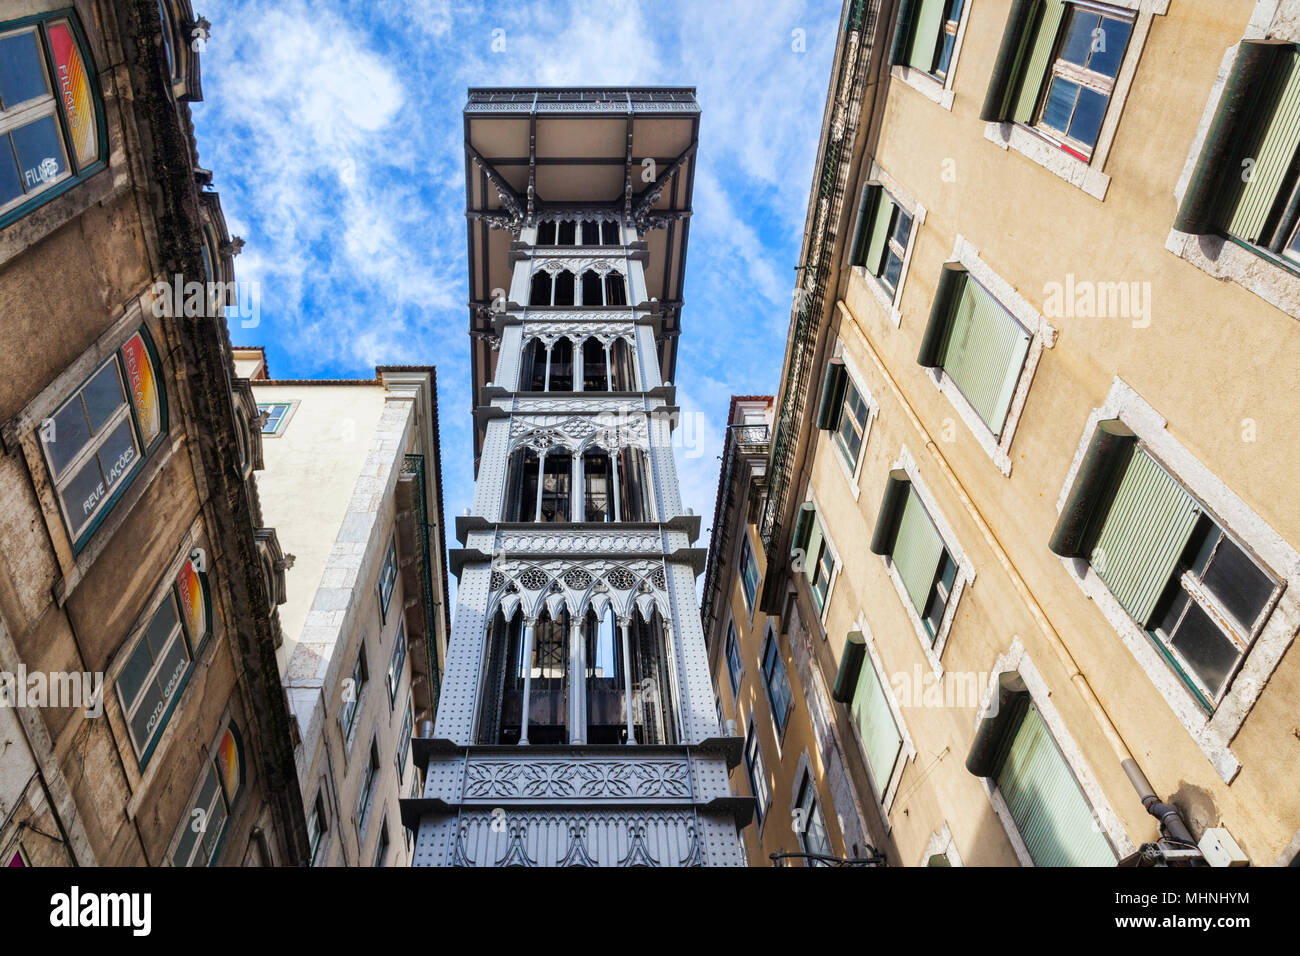 27 Février 2018: Lisbonne, Portugal - ascenseur de Santa Justa, ou l'ascenseur. Photo Stock